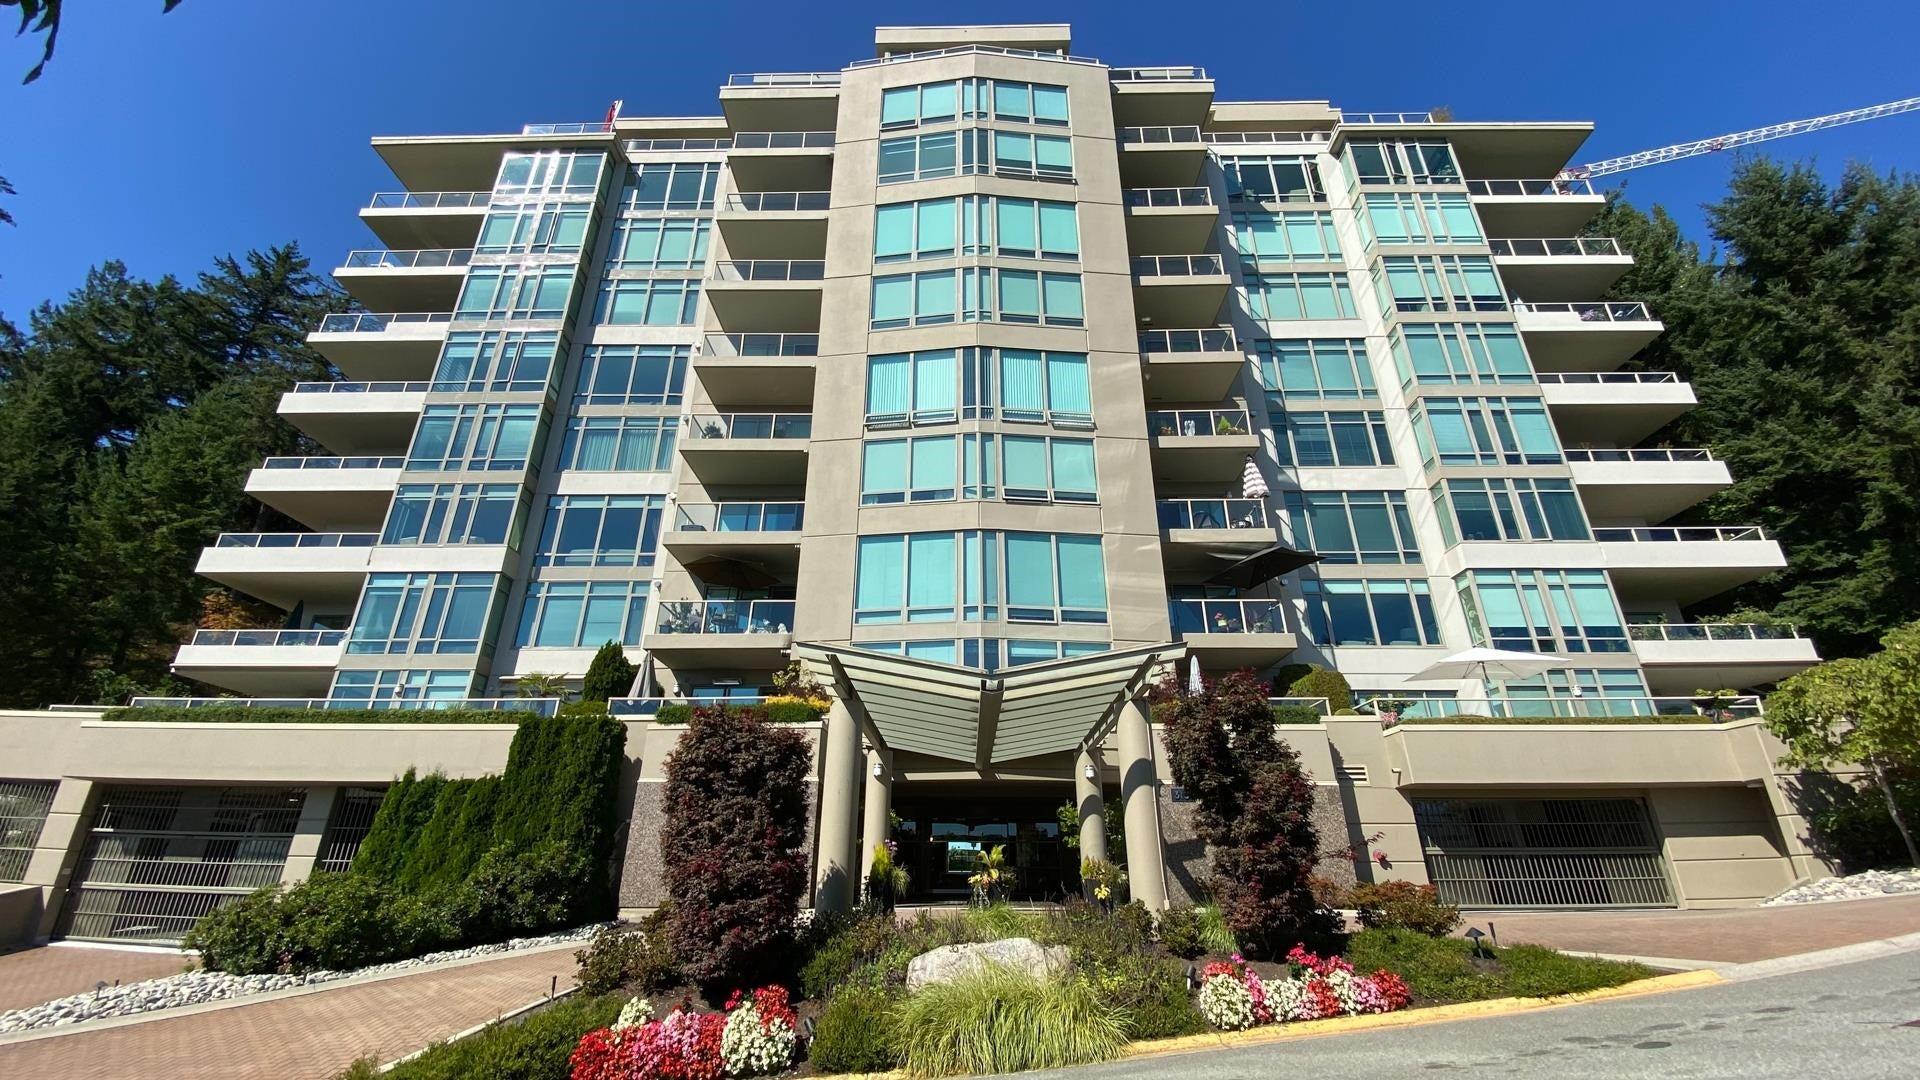 301 3131 DEER RIDGE DRIVE - Deer Ridge WV Apartment/Condo for sale, 2 Bedrooms (R2615692) - #1